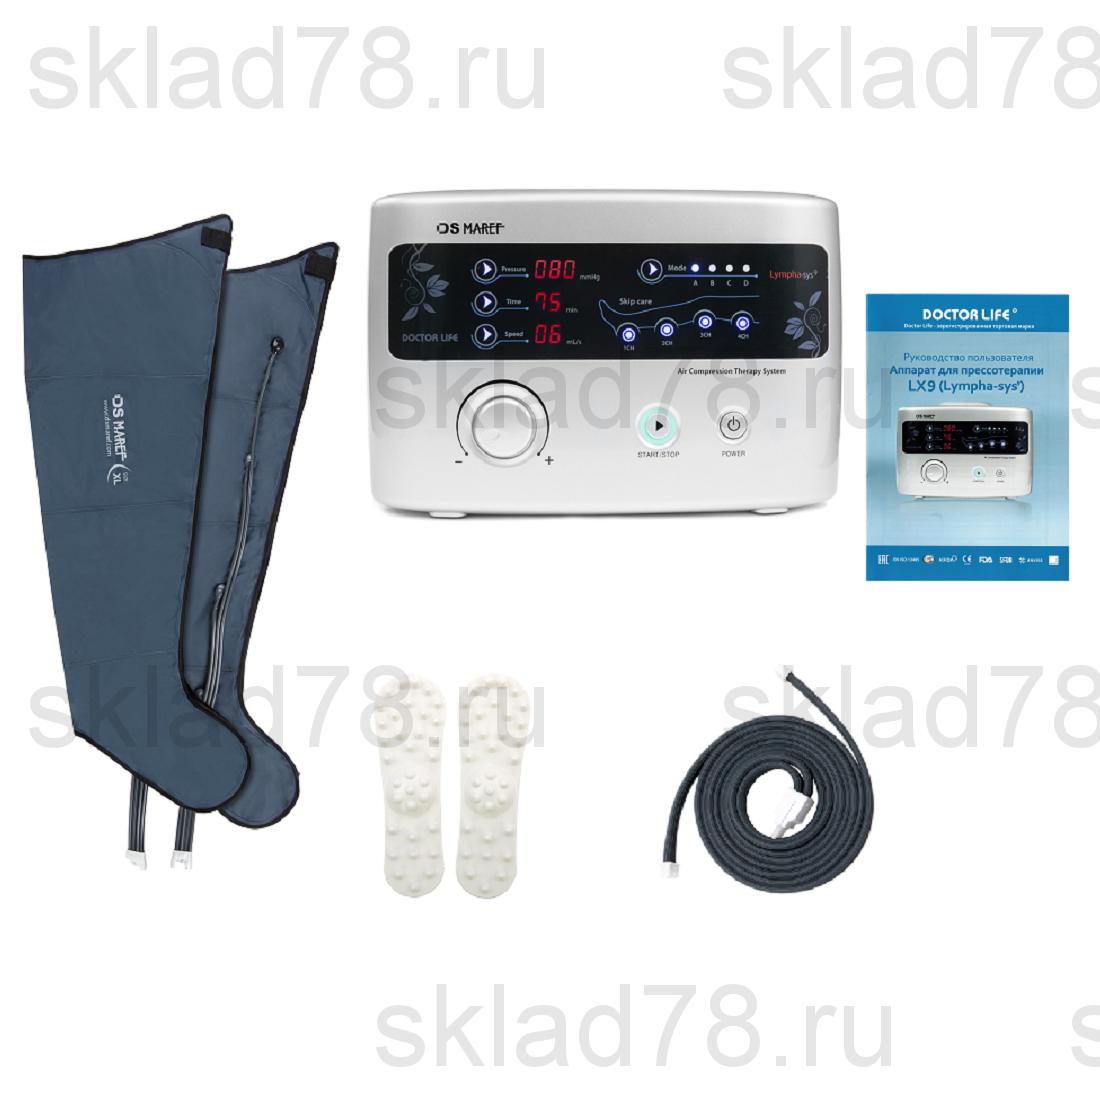 Doctor Life Premium Medical LX9 (Lympha-sys9) «Стандартный» комплект